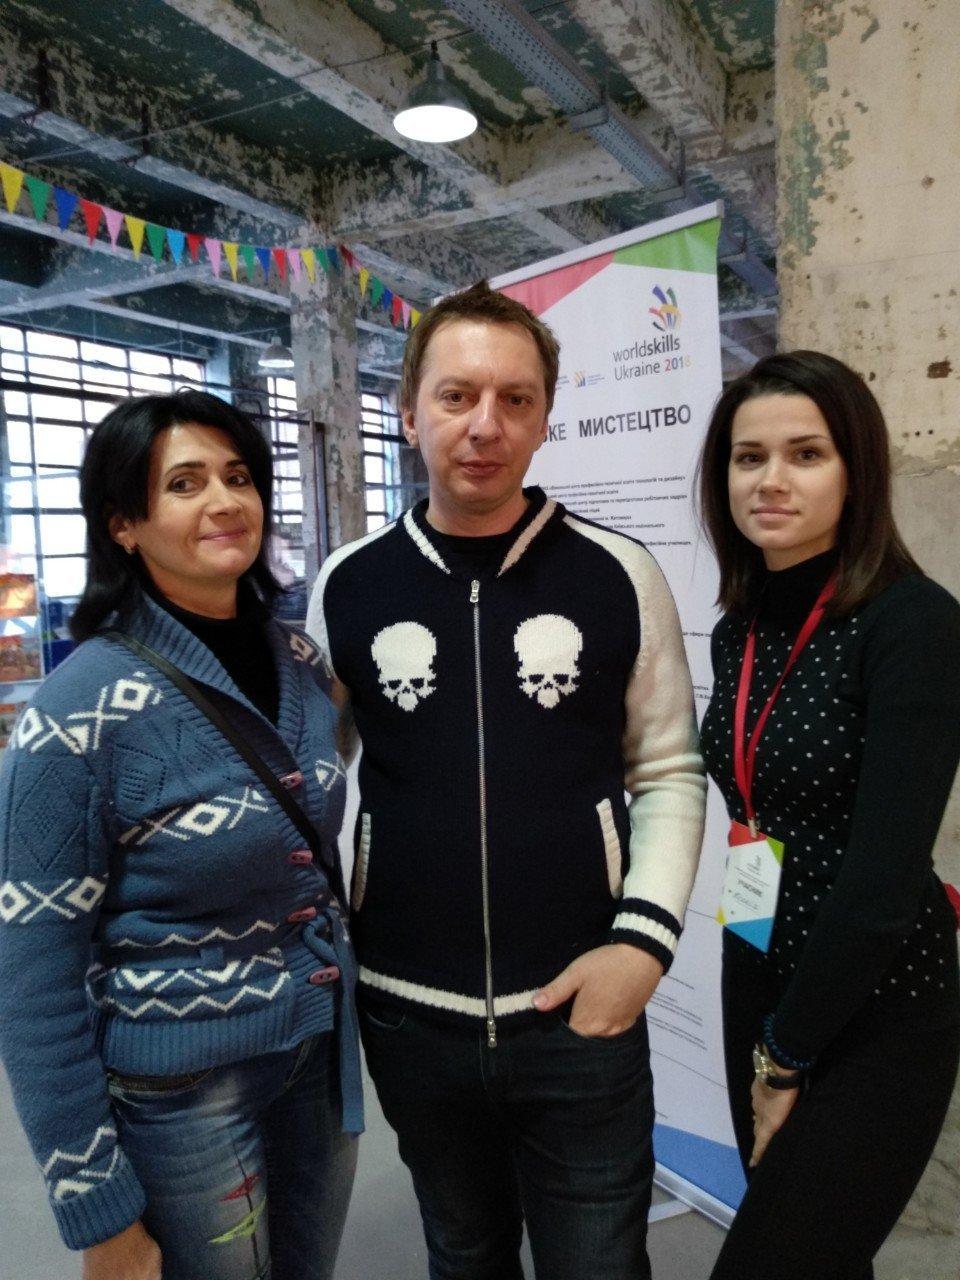 Парикмахер из Мелитополя показала свое мастерство на Всеукраинском конкурсе , фото-8